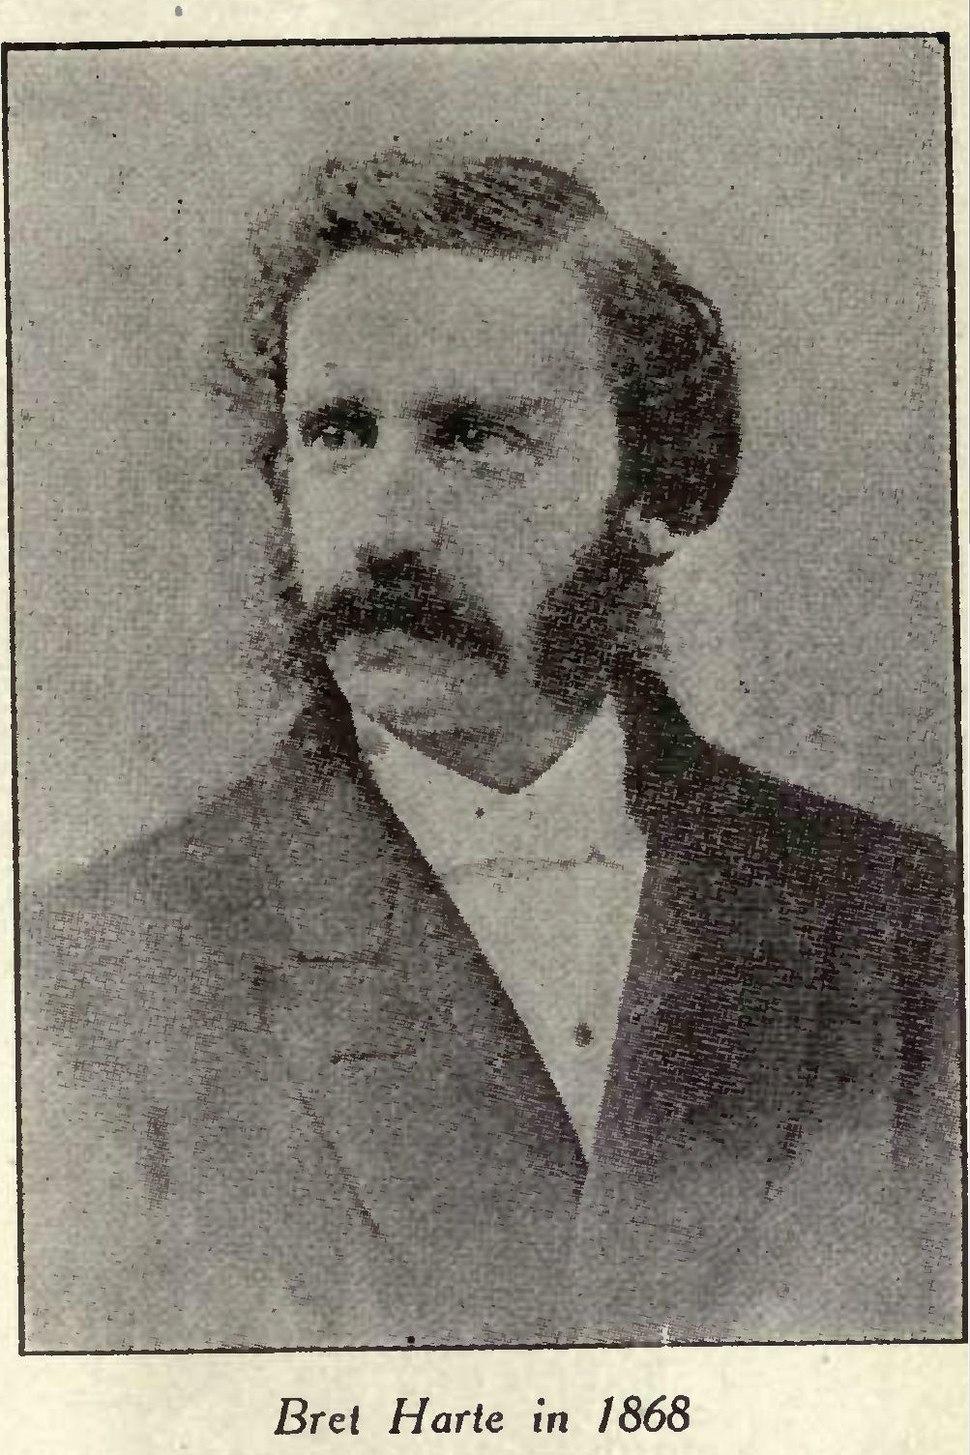 BretHarte1868